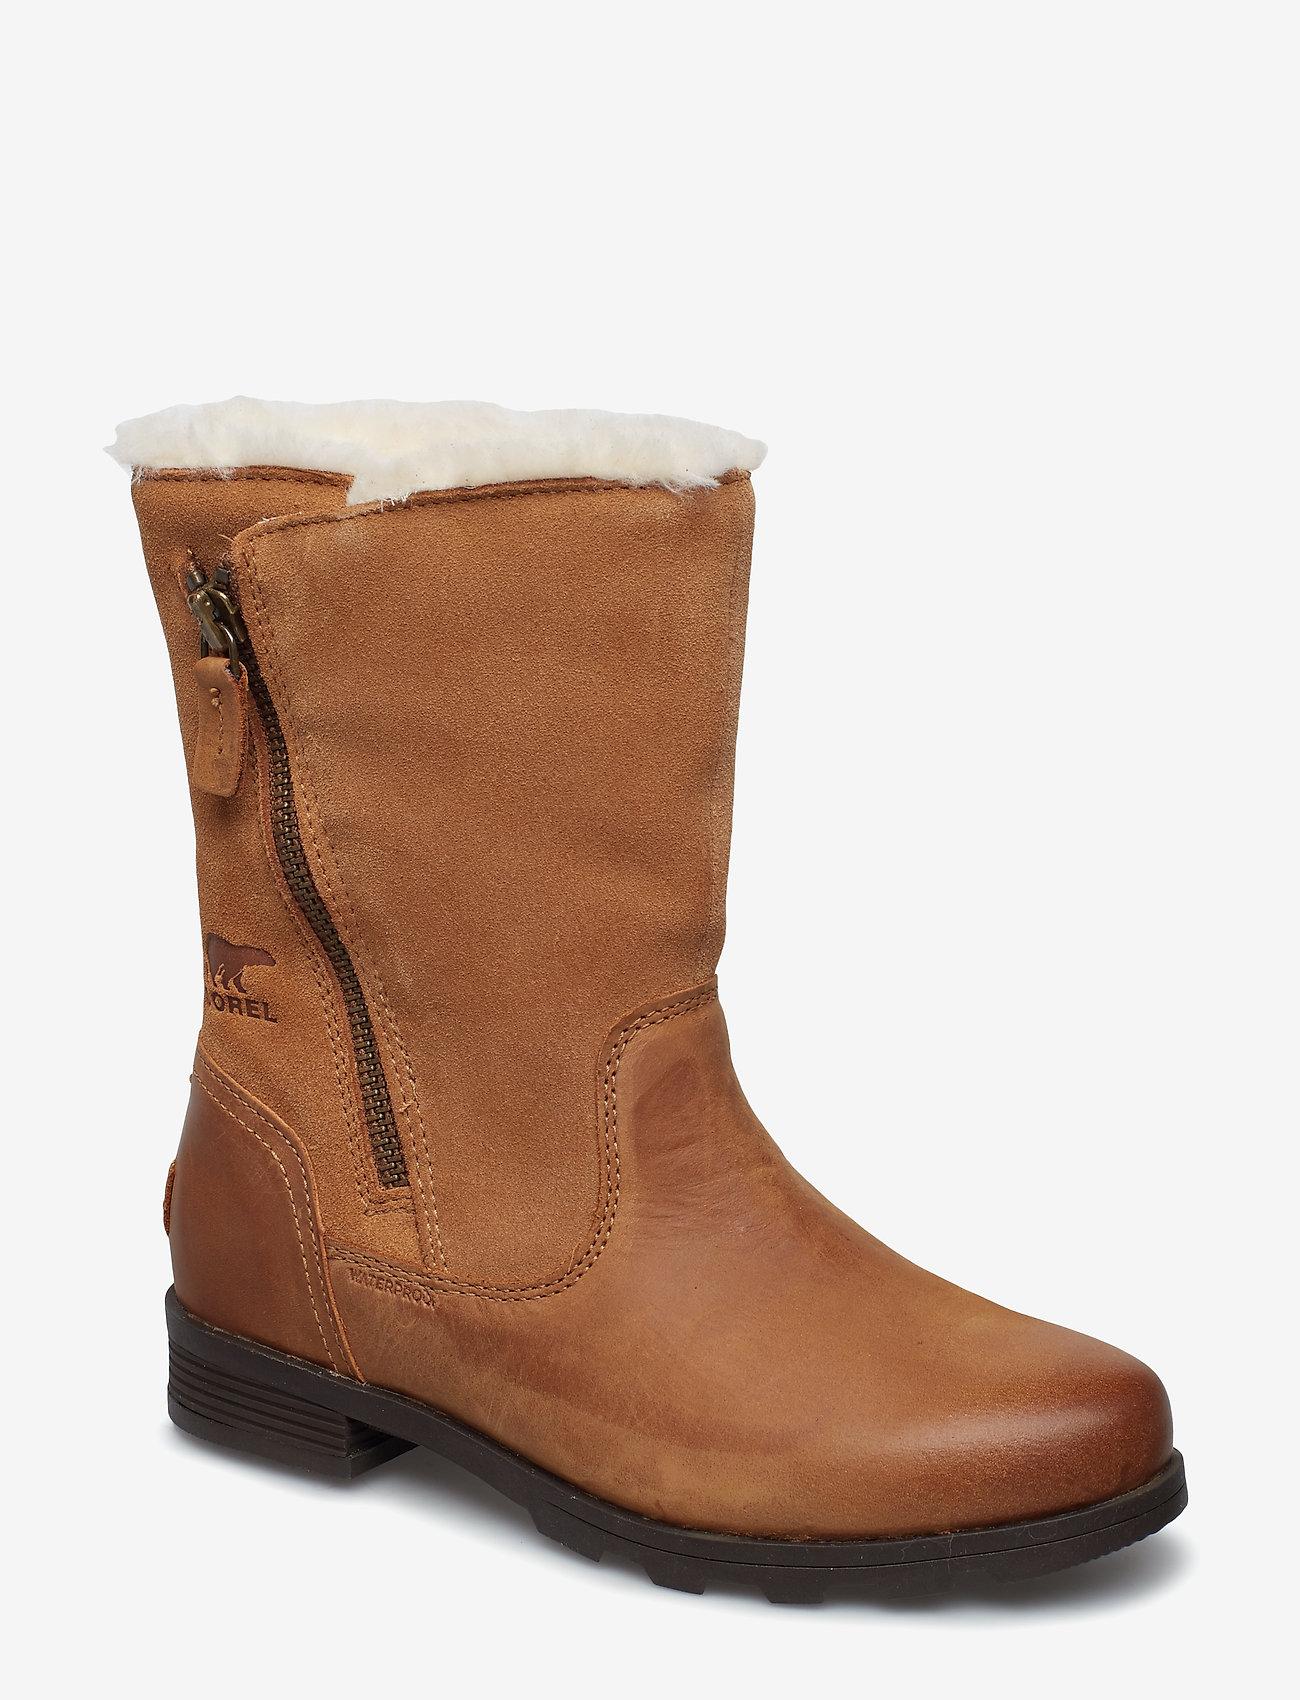 Sorel - EMELIE FOLDOVER - flat ankle boots - camel, brown - 0